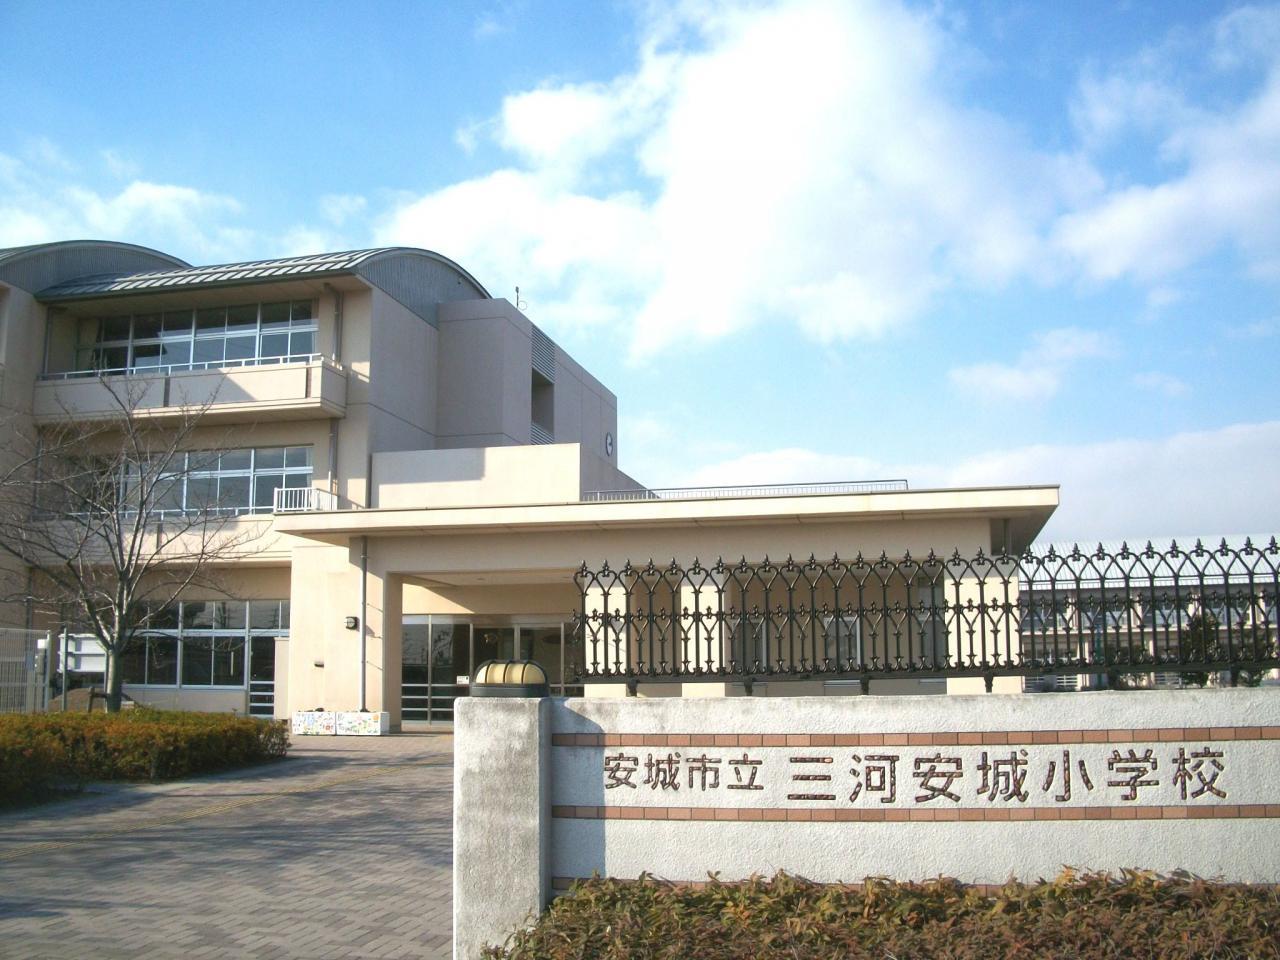 安城市立三河安城小学校